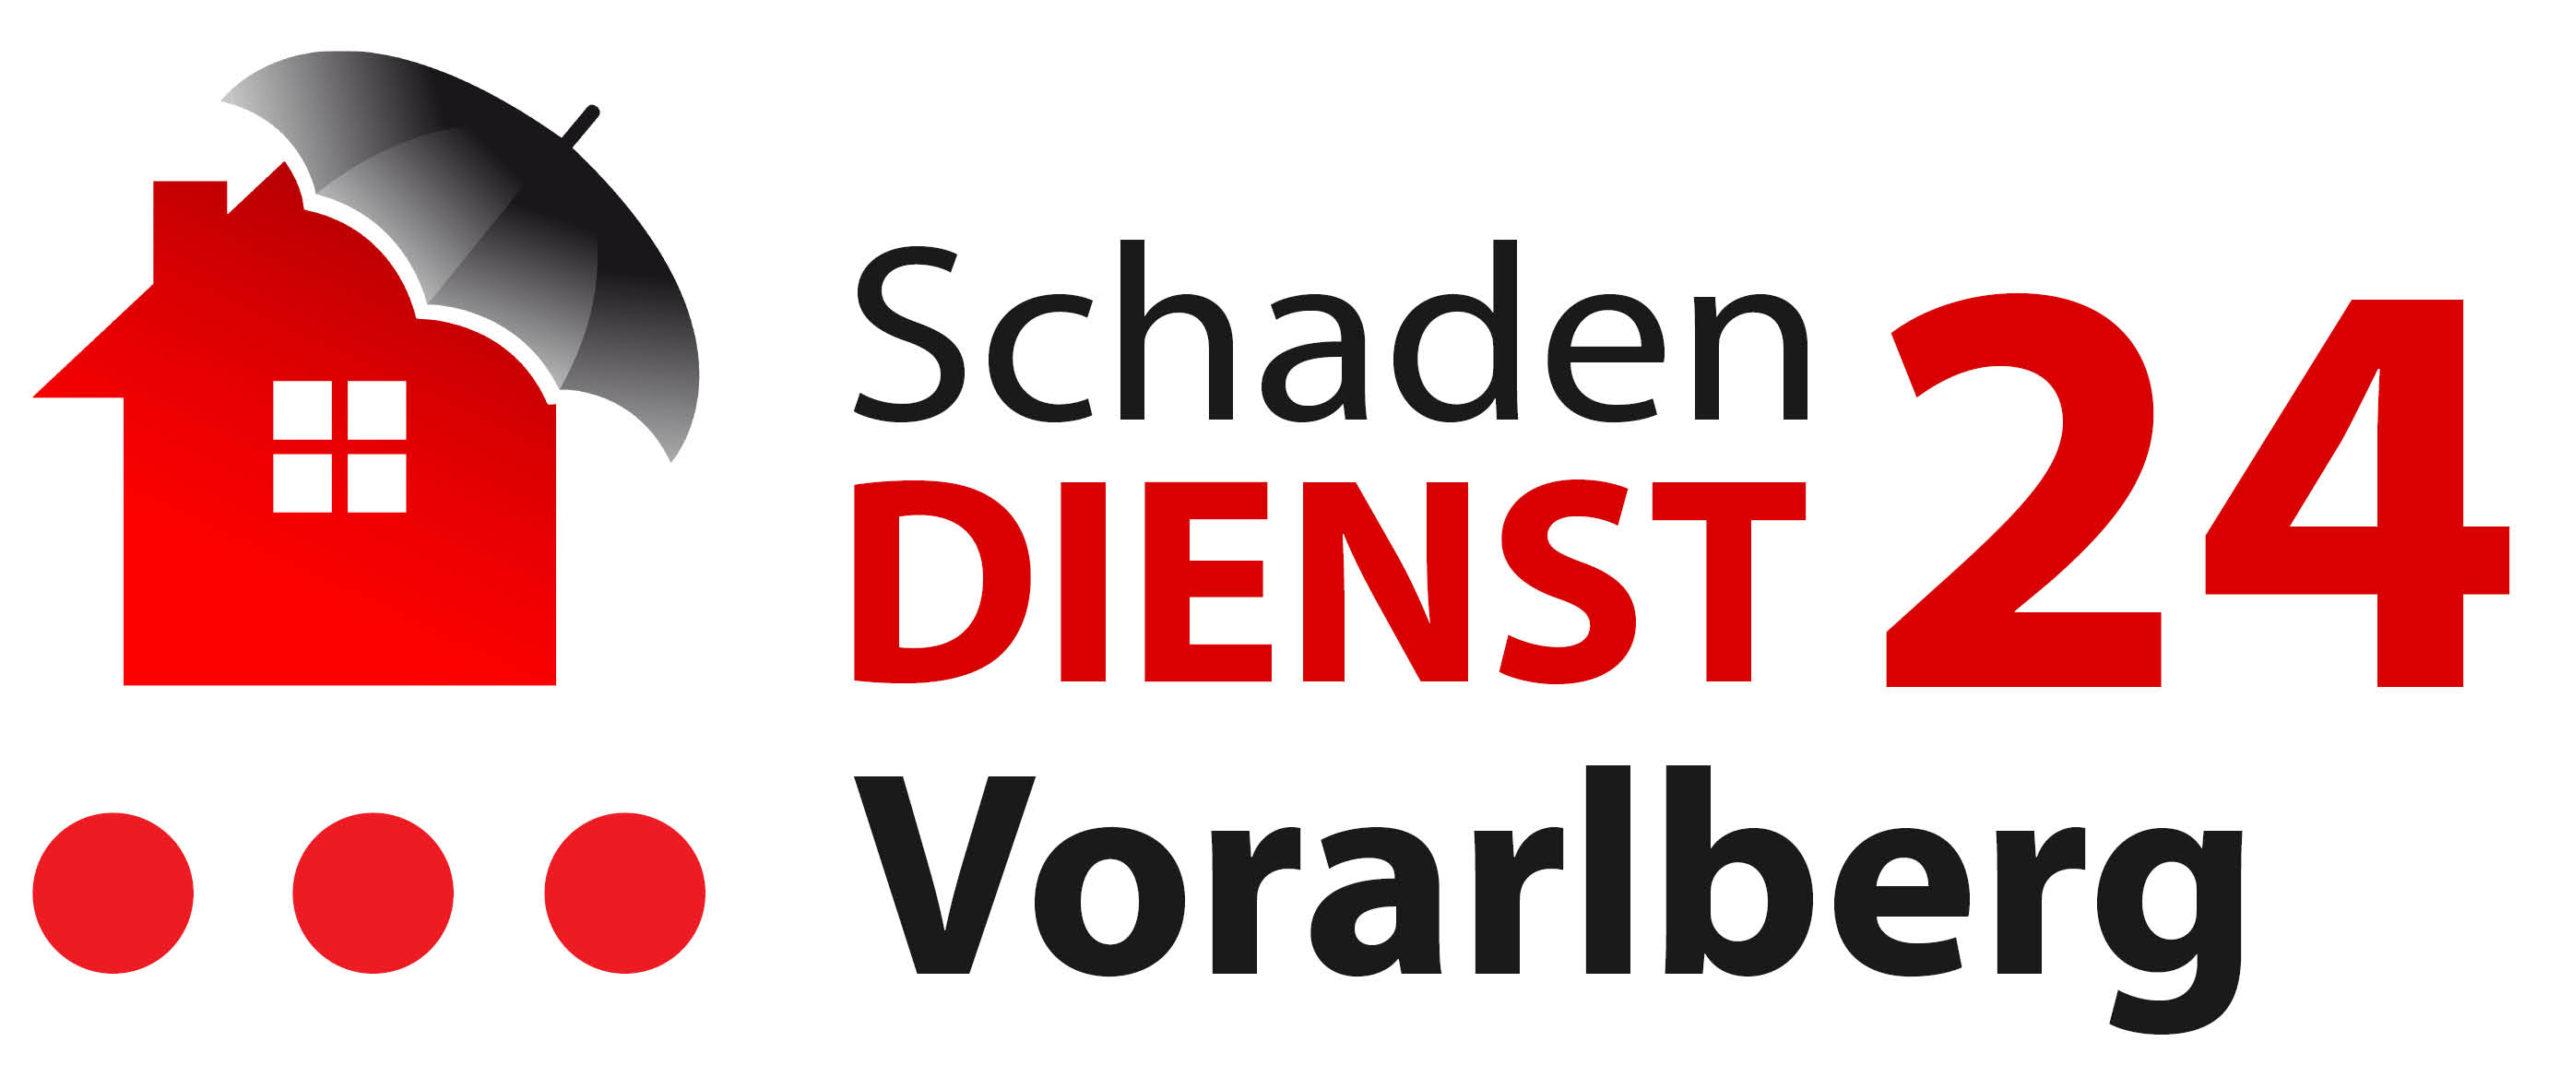 Schadendienst24 Vorarlberg Logo